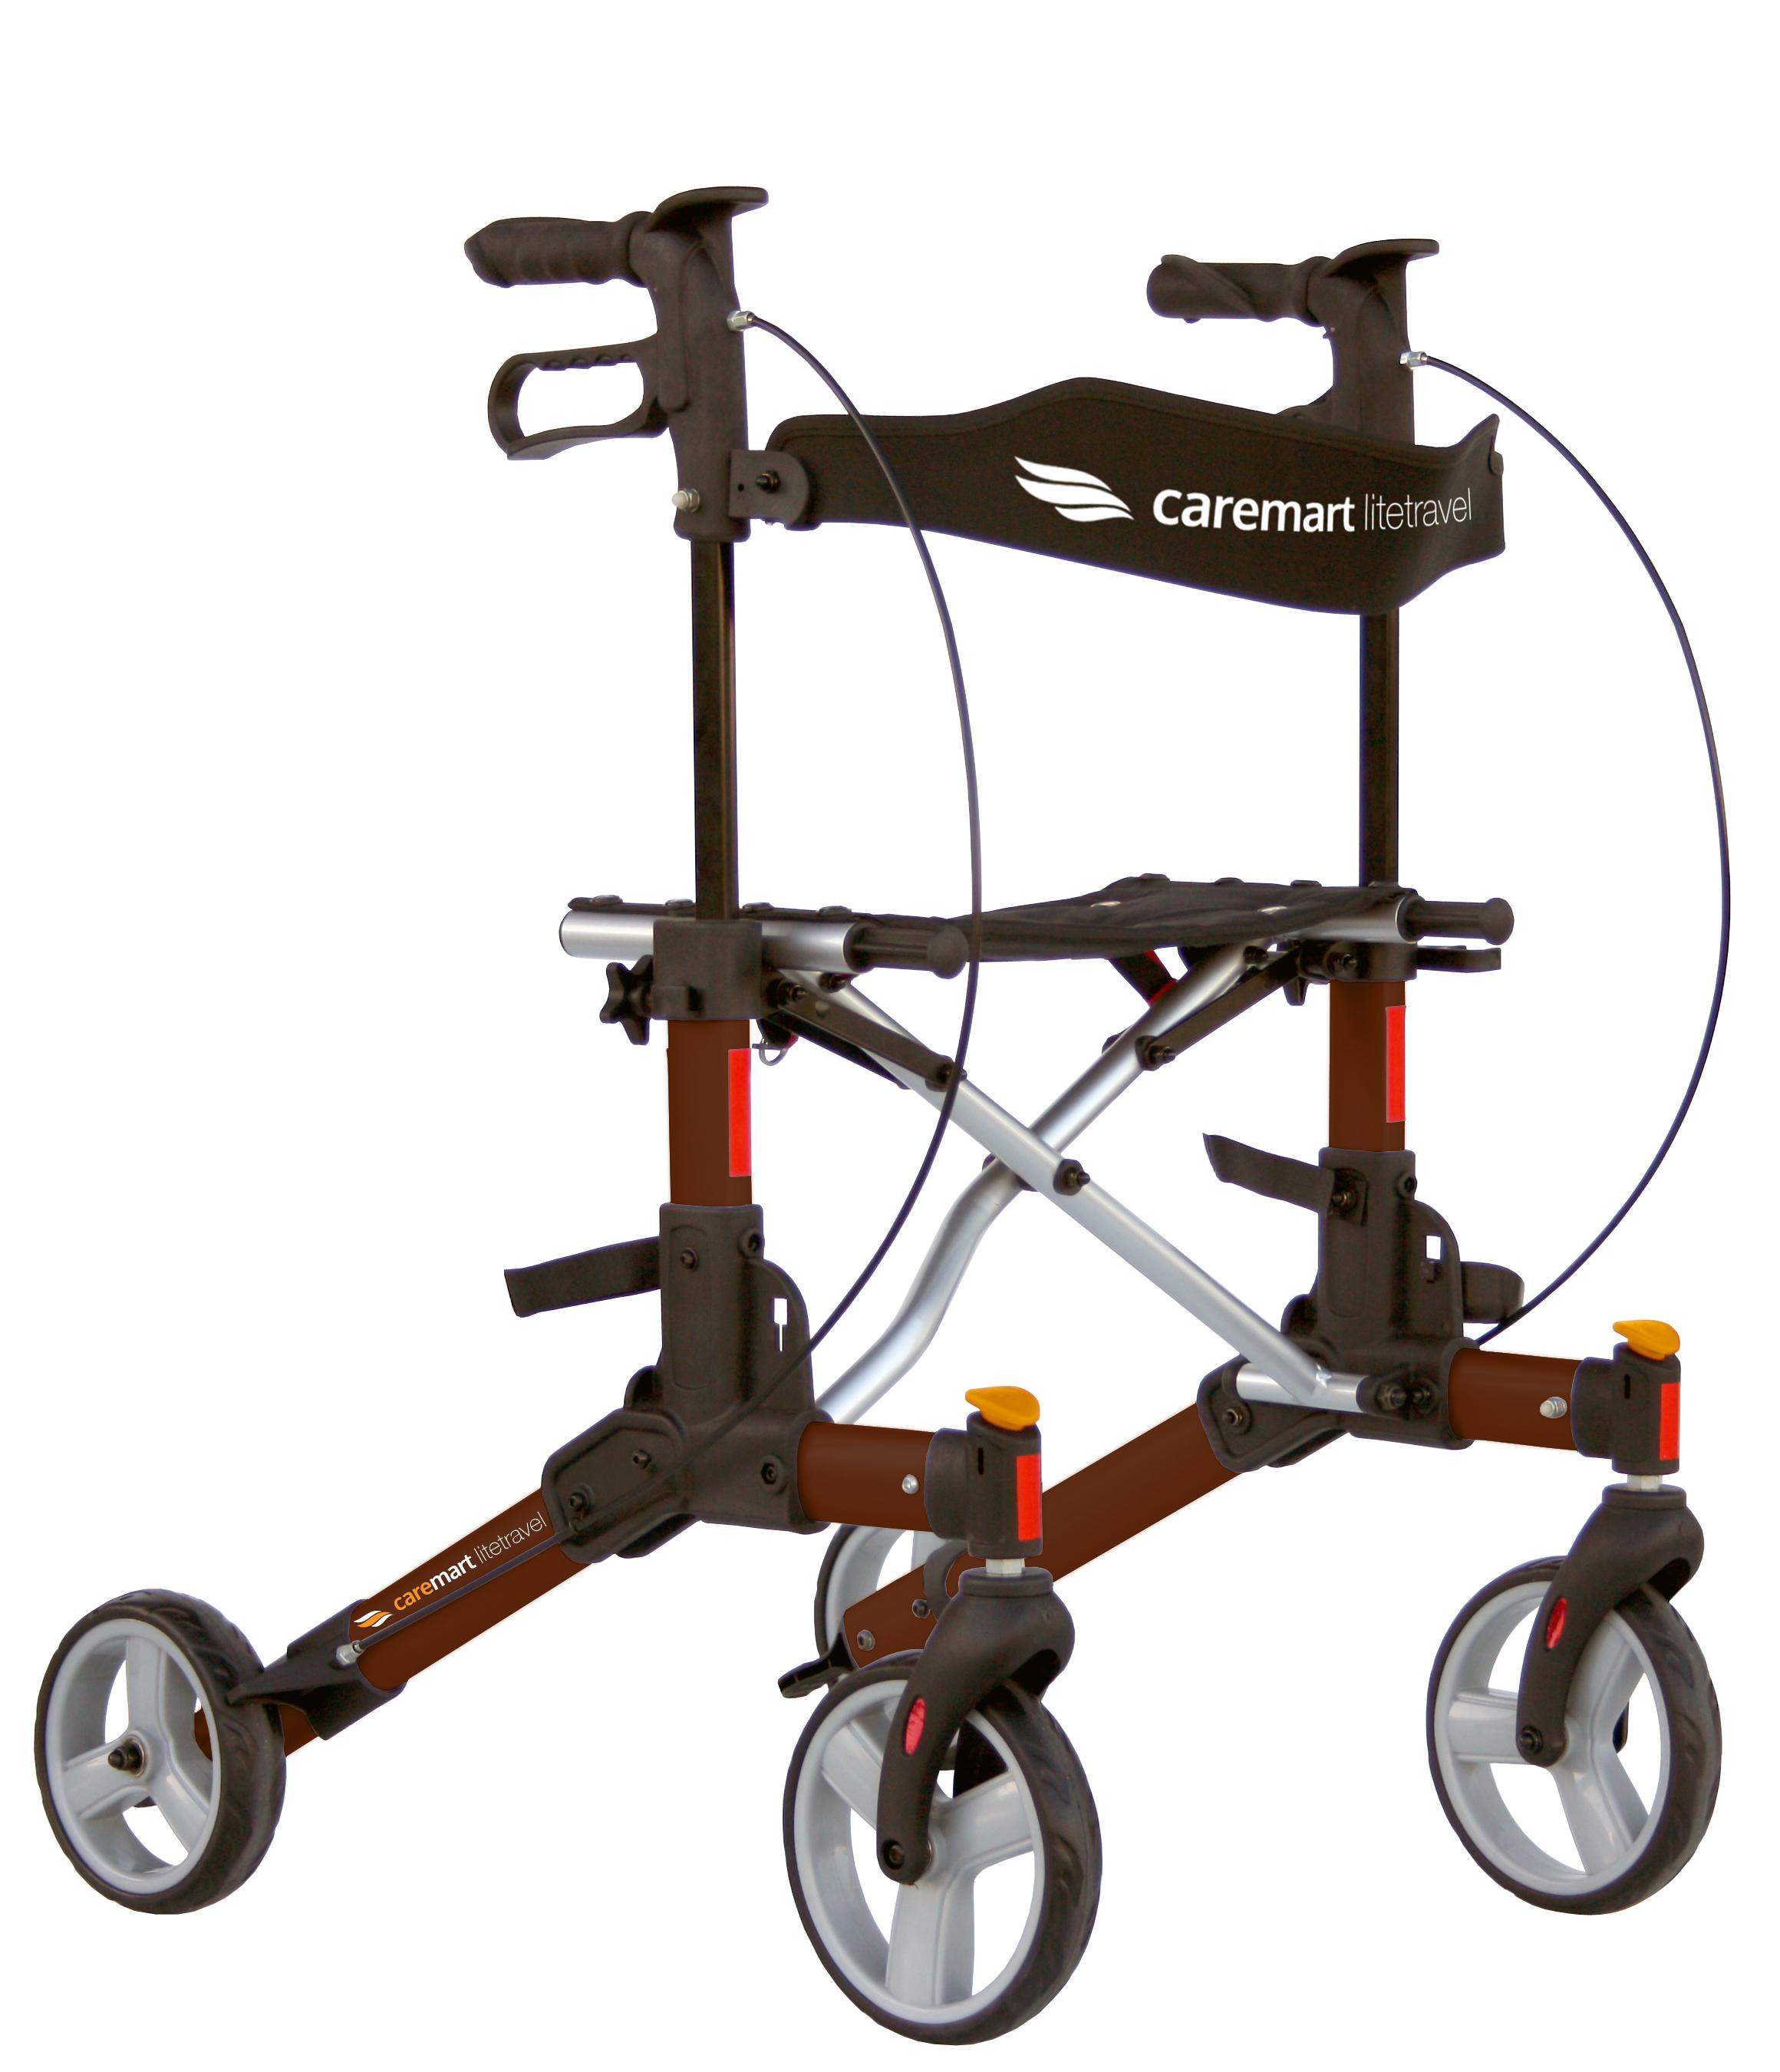 Rollator Caremart Litetravel Macademia Brown